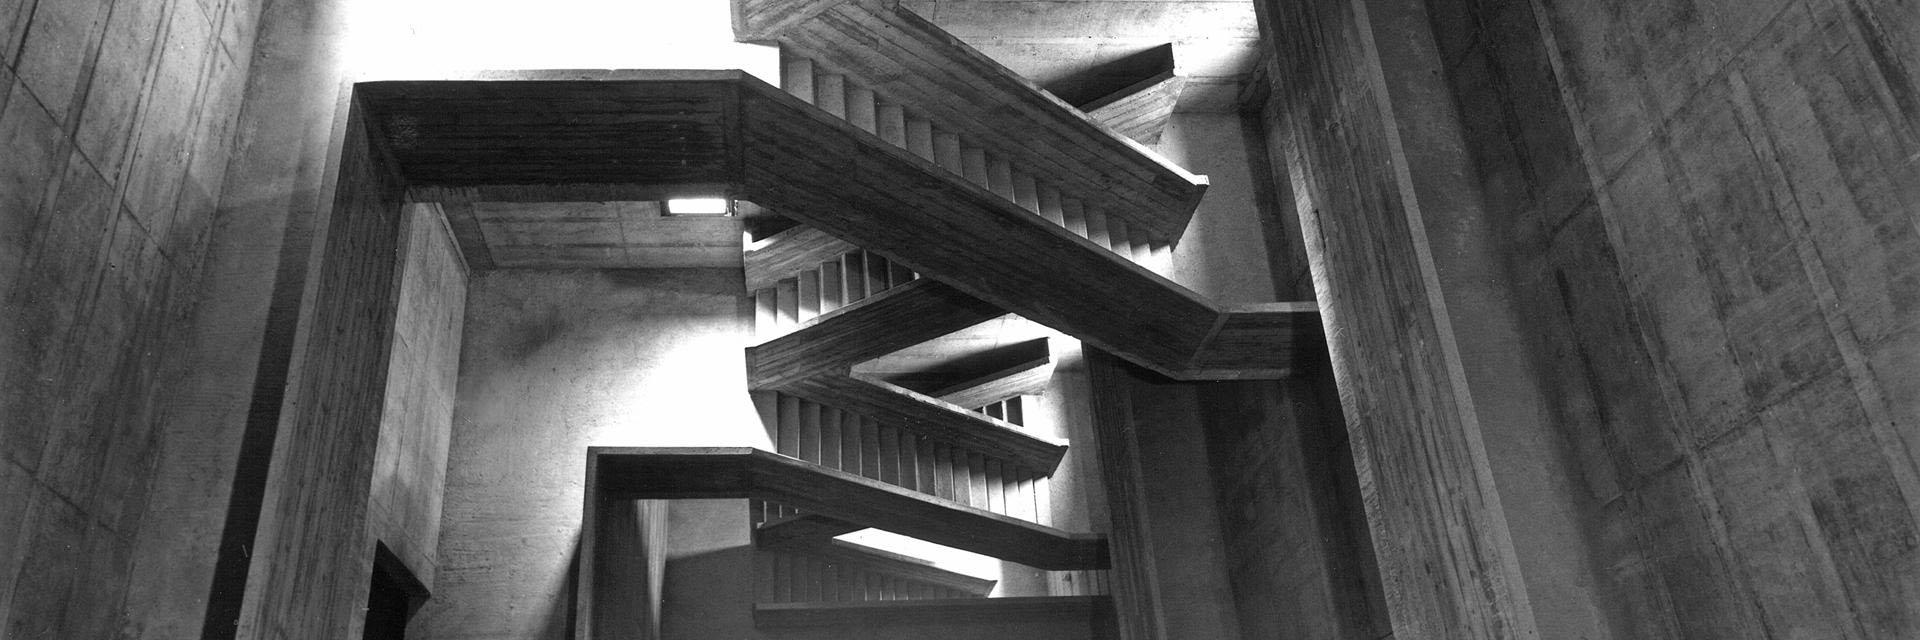 ADLHART-Architekten_Treppenhaus-Kirche-Hallein